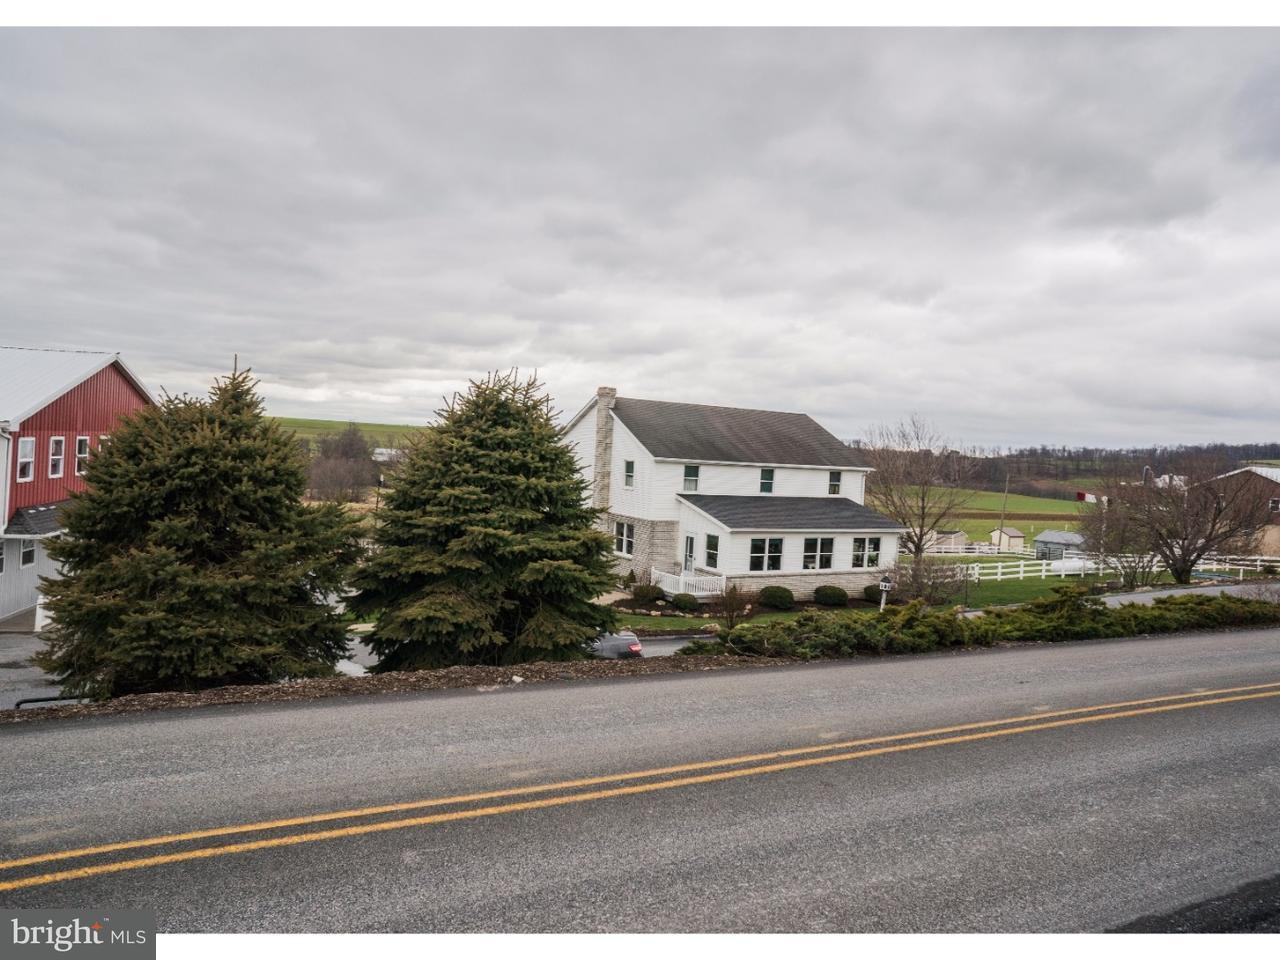 Частный односемейный дом для того Продажа на 501 FURNACE Road Quarryville, Пенсильвания 17566 Соединенные Штаты